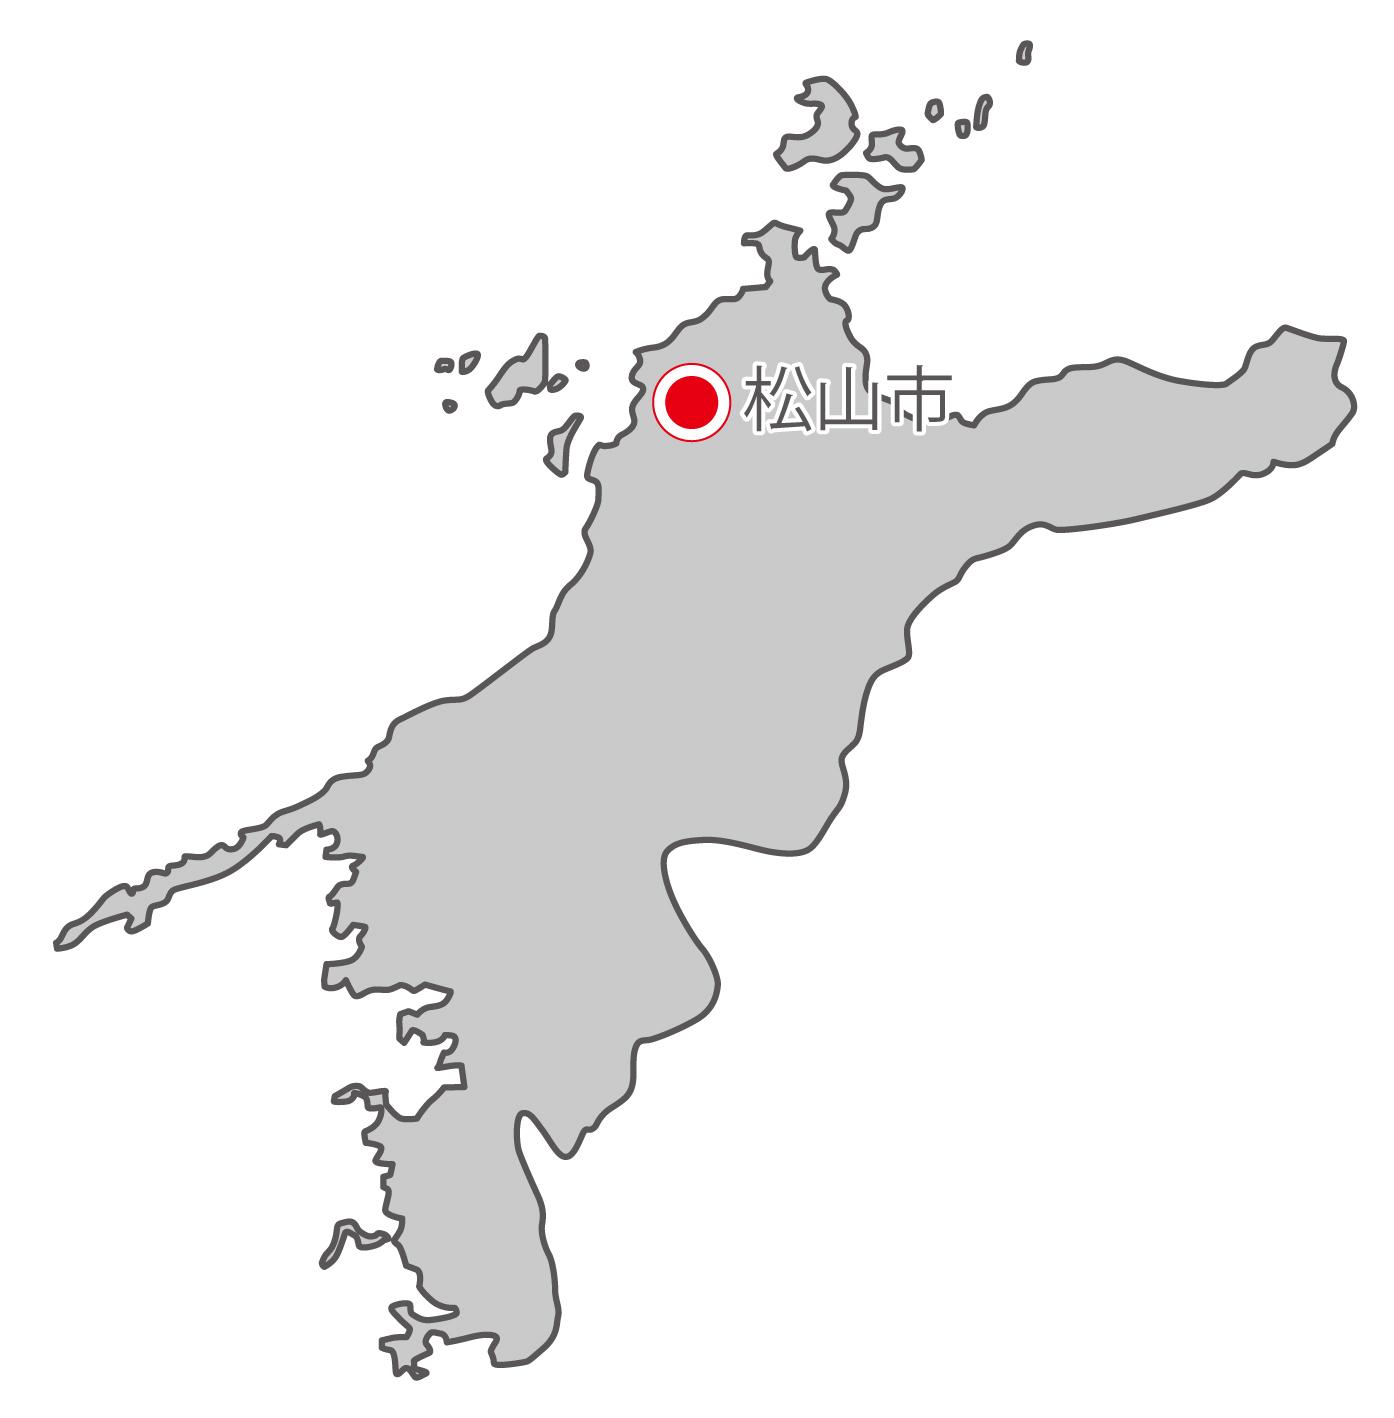 愛媛県無料フリーイラスト|日本語・県庁所在地あり(グレー)